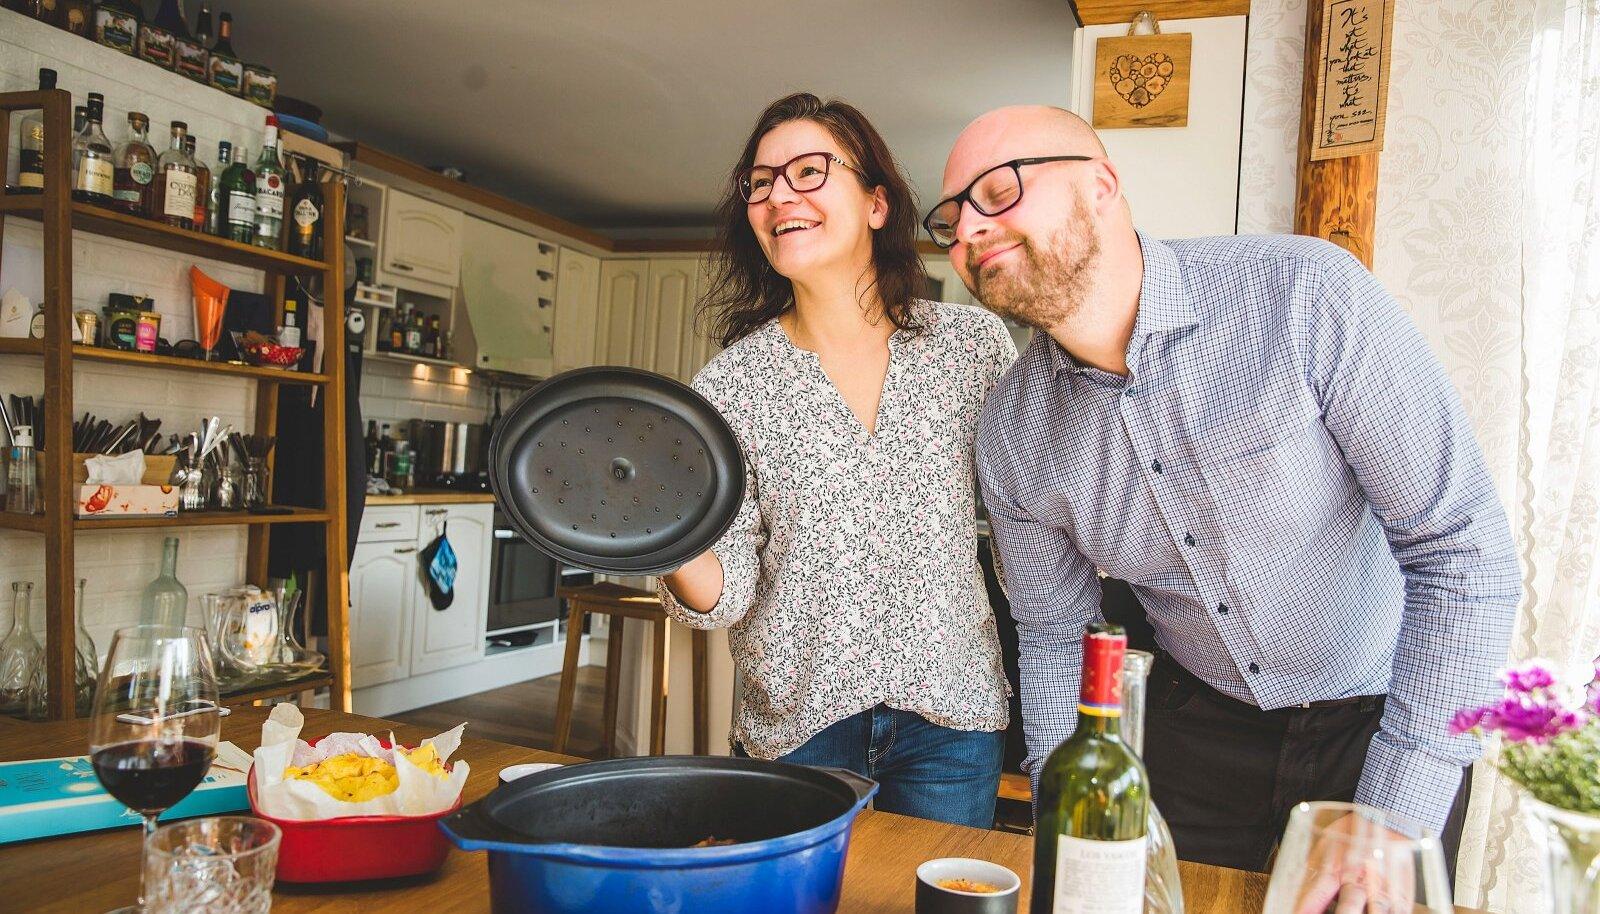 """""""Toit on meie kirg,"""" ütlevad Evely ja Tanel. Kirega suhtuvad nad kõigesse, mis toitu puutub: roogade lõhna ja maitsesse, välimusse ja serveerimisse. Äsja ahjust võetud lambakoot lõhnab igatahes mmmagusalt!"""